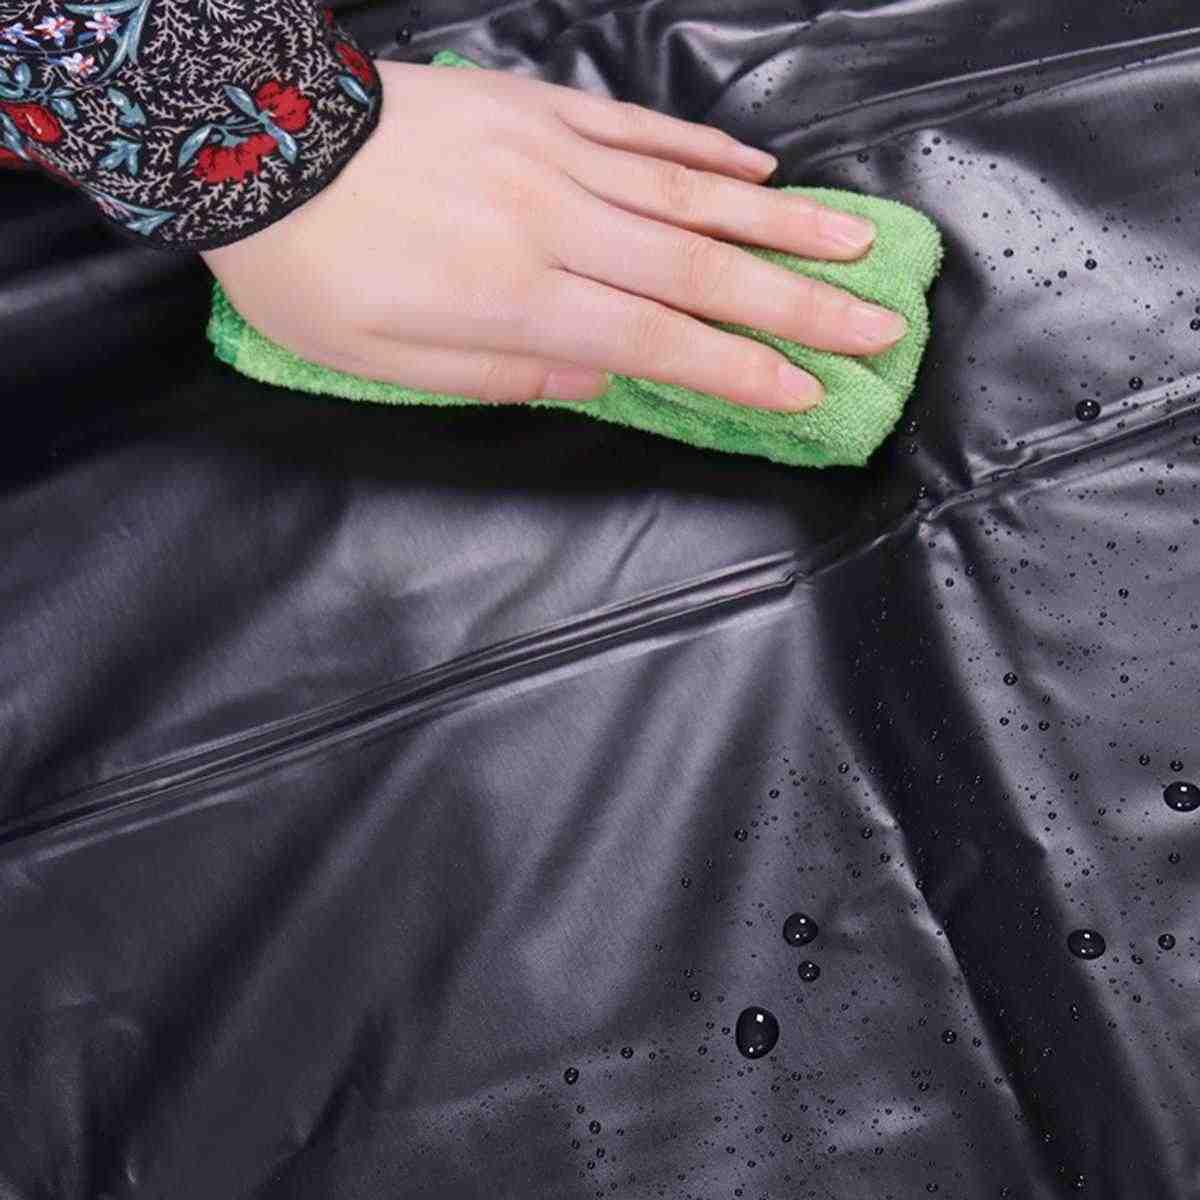 Новый Водонепроницаемый постельное белье для взрослых секс ПВХ Виниловый Чехол Матраца облегчение аллергии постельное гипоаллергенный секс игры постельные принадлежности листов